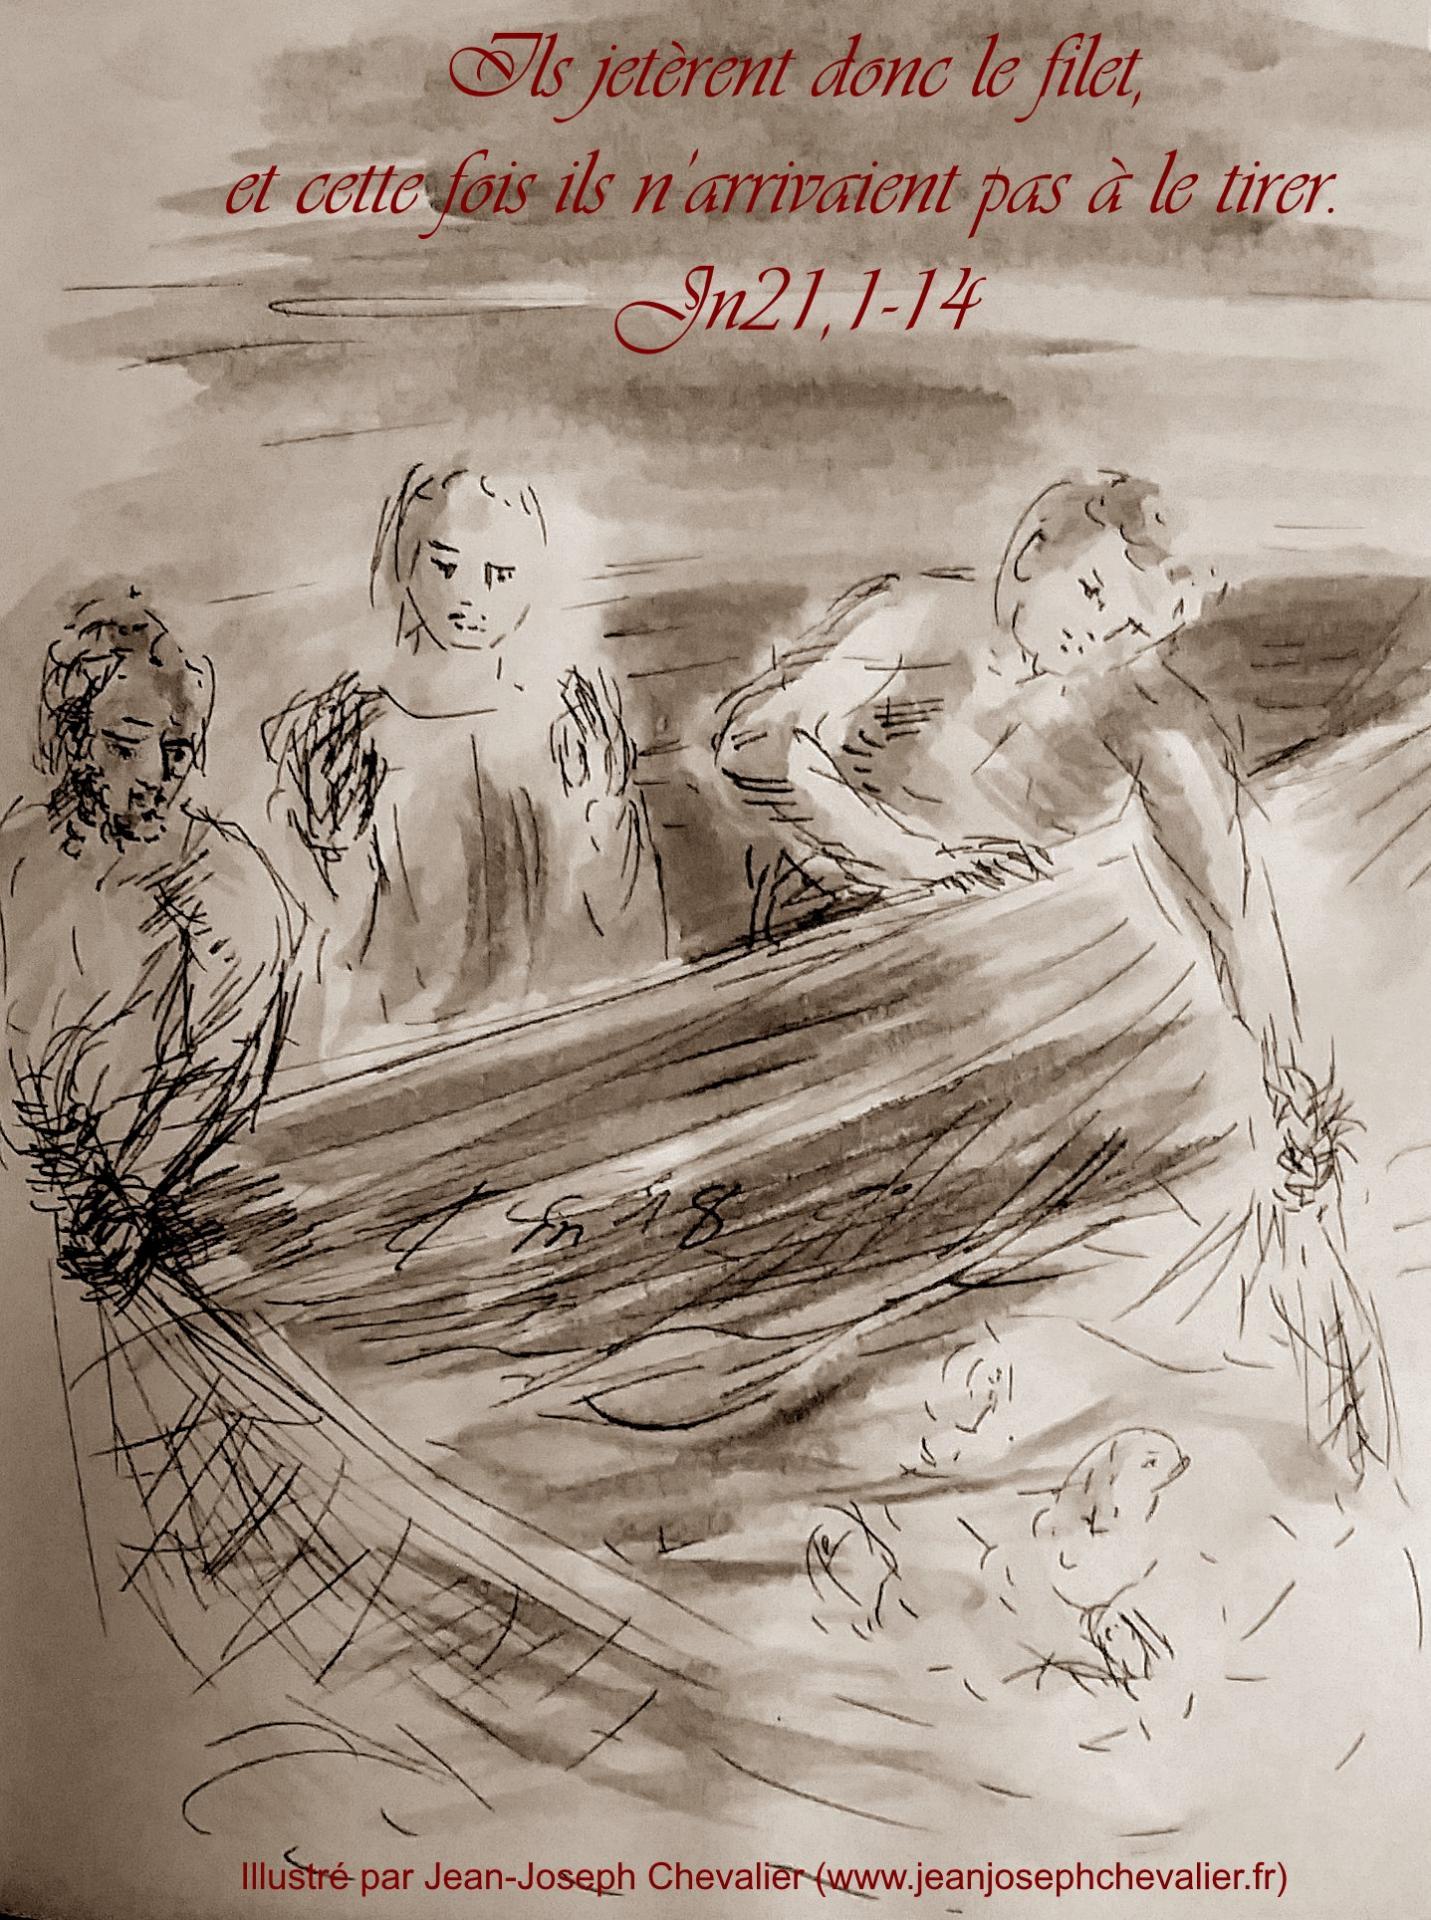 6 avril 2018 evangile du jour illustre par un dessin au lavis de jean joseph chevalier image